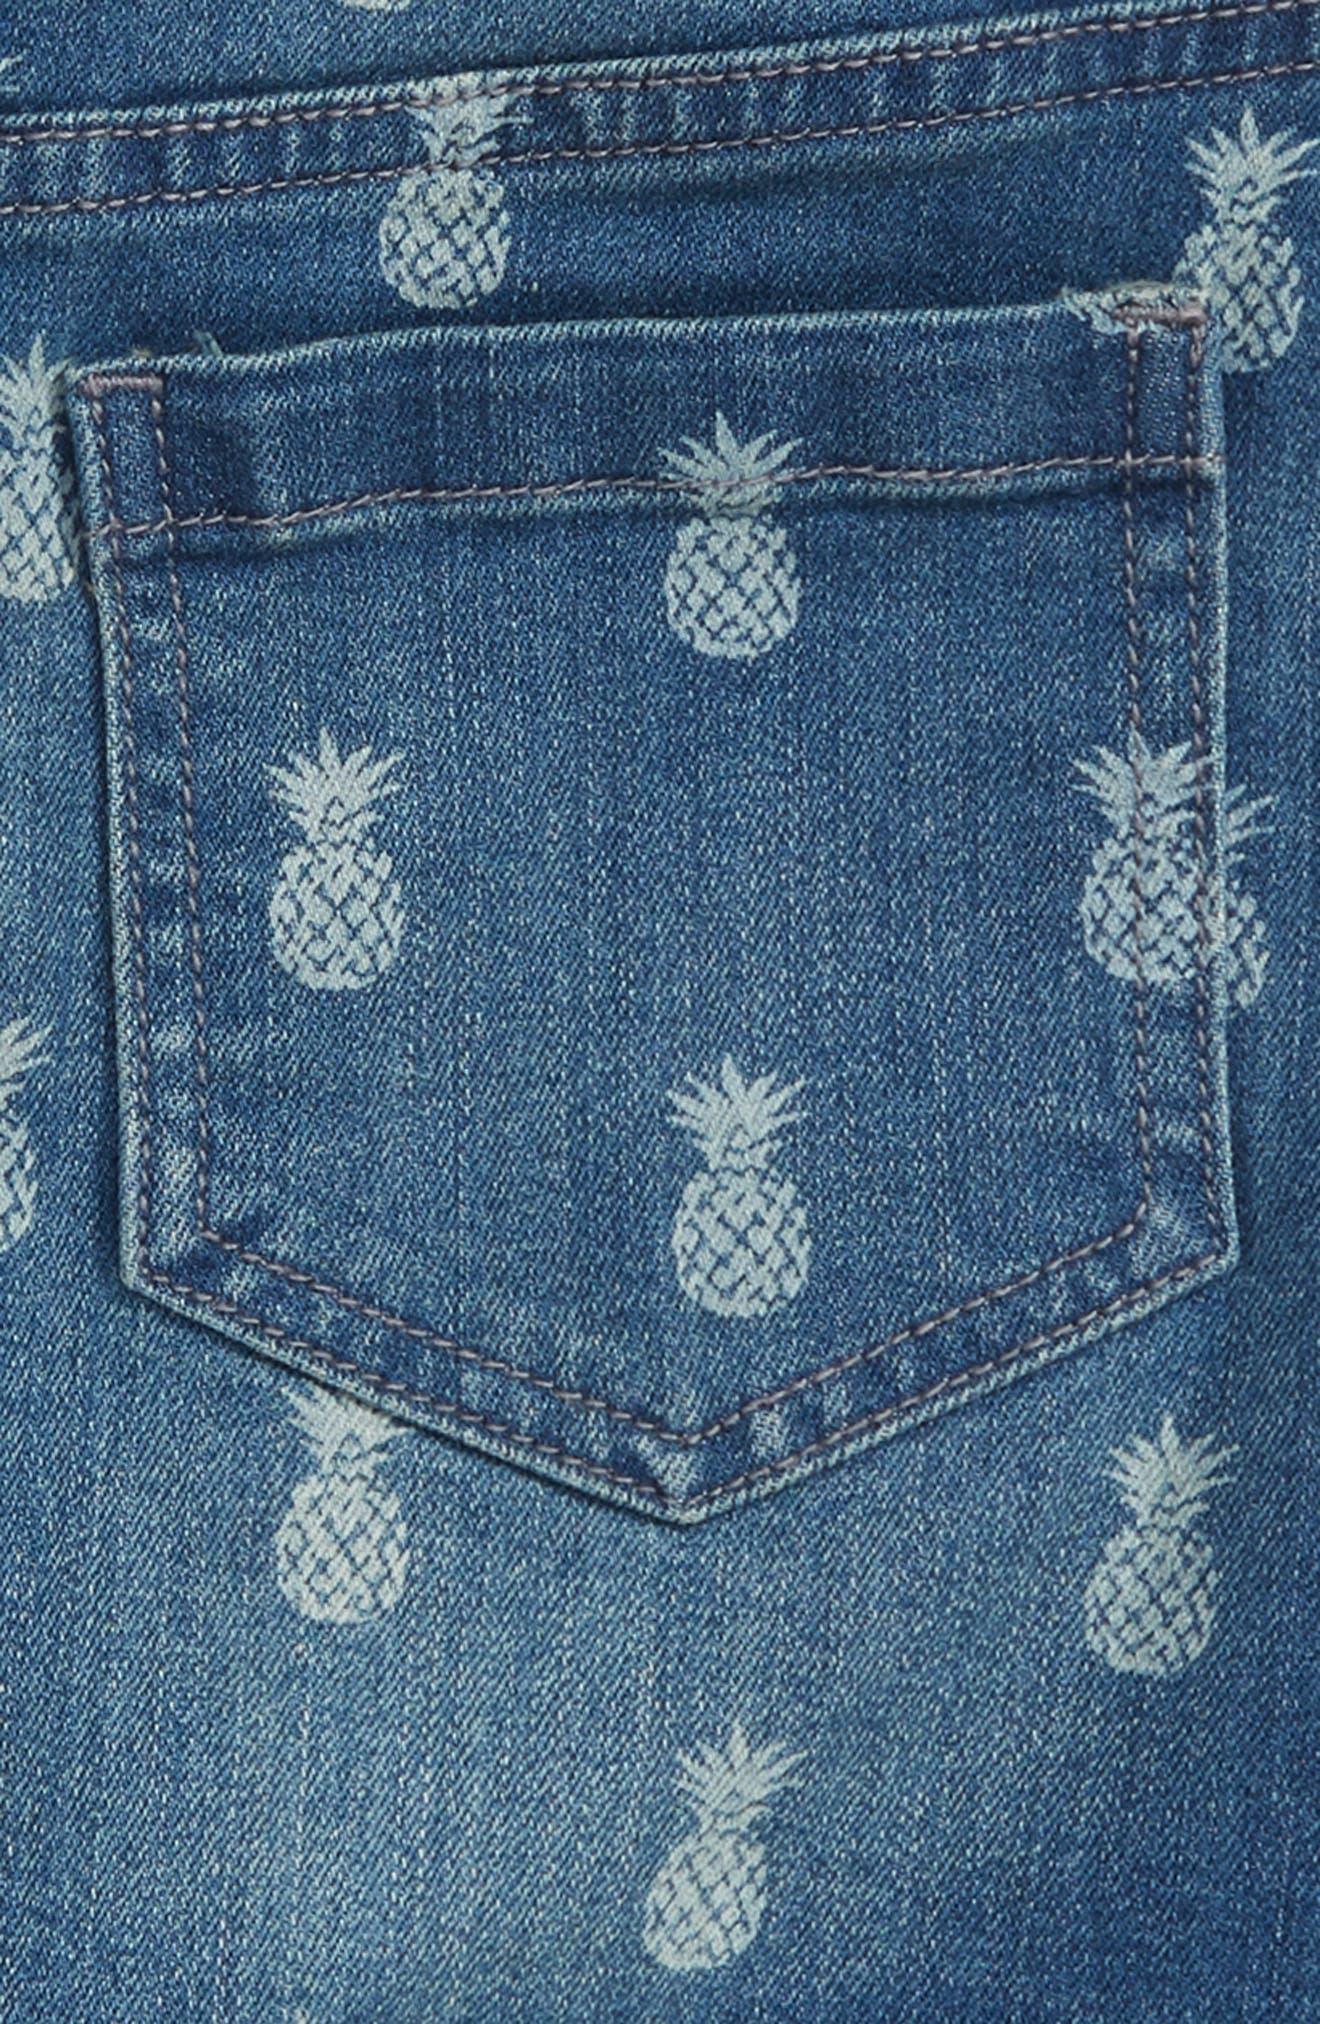 Pineapple Print Denim Skirt,                             Alternate thumbnail 3, color,                             Indigo Ivory